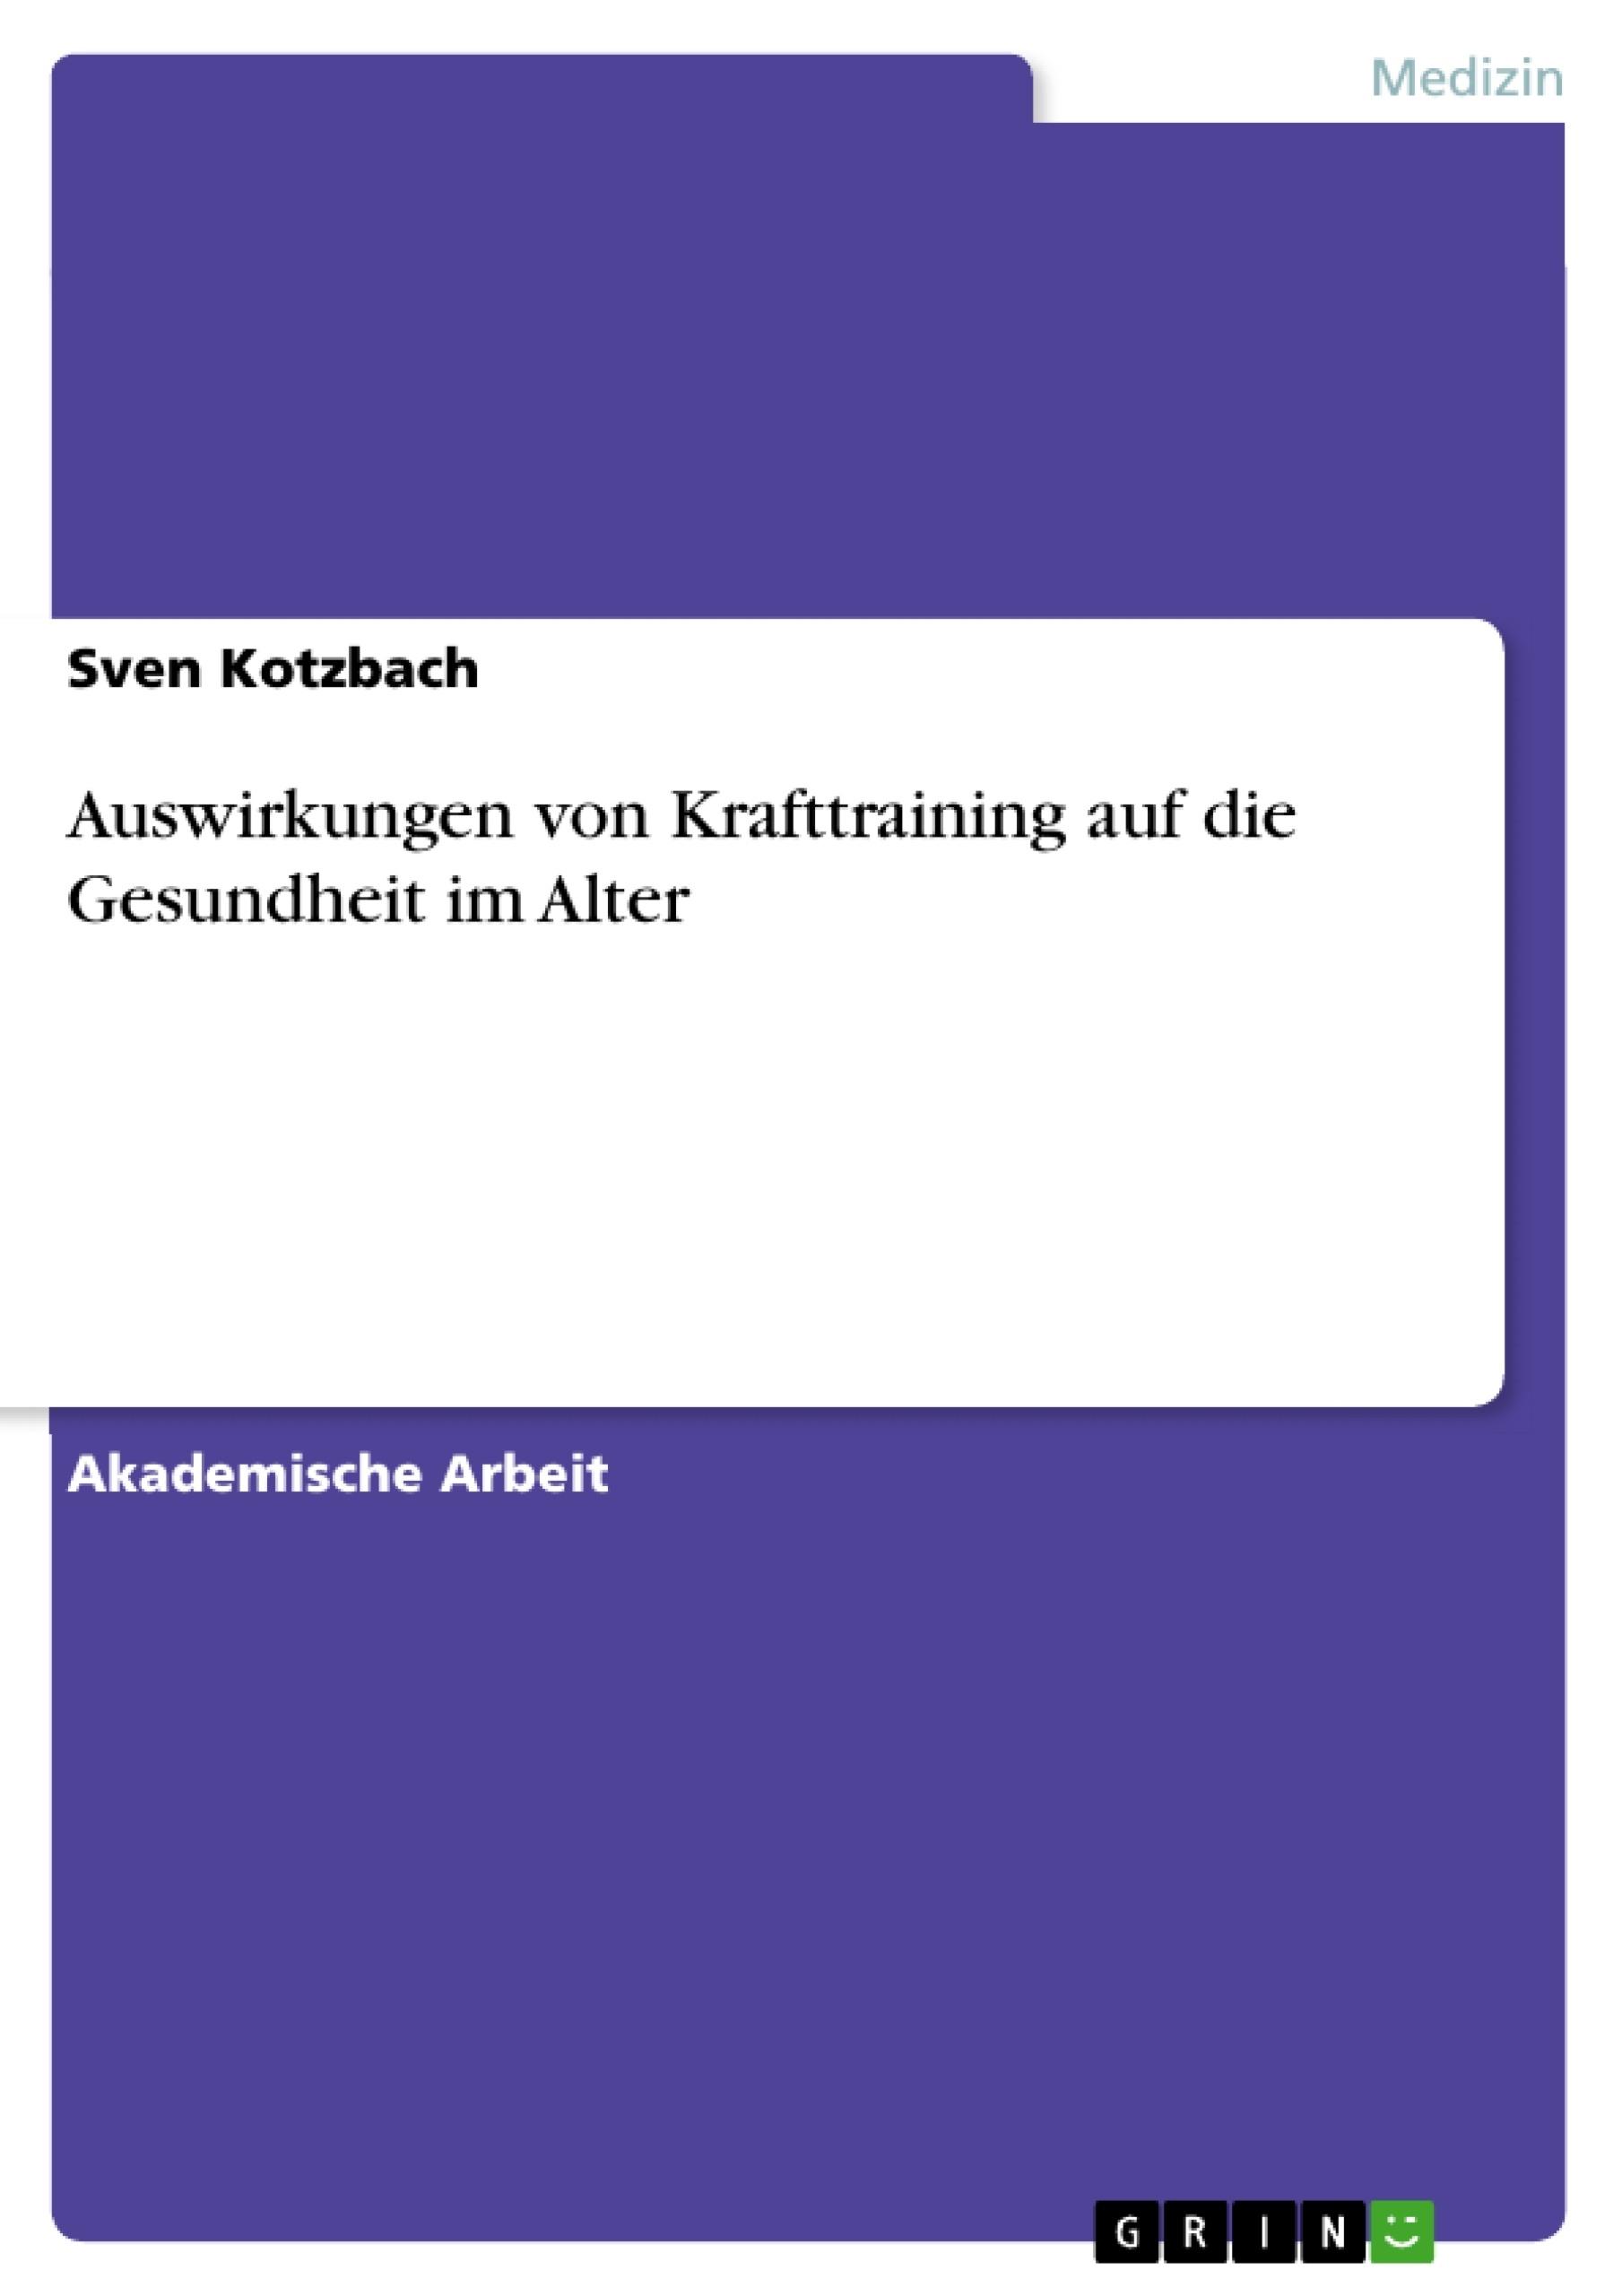 Titel: Auswirkungen von Krafttraining auf die Gesundheit im Alter